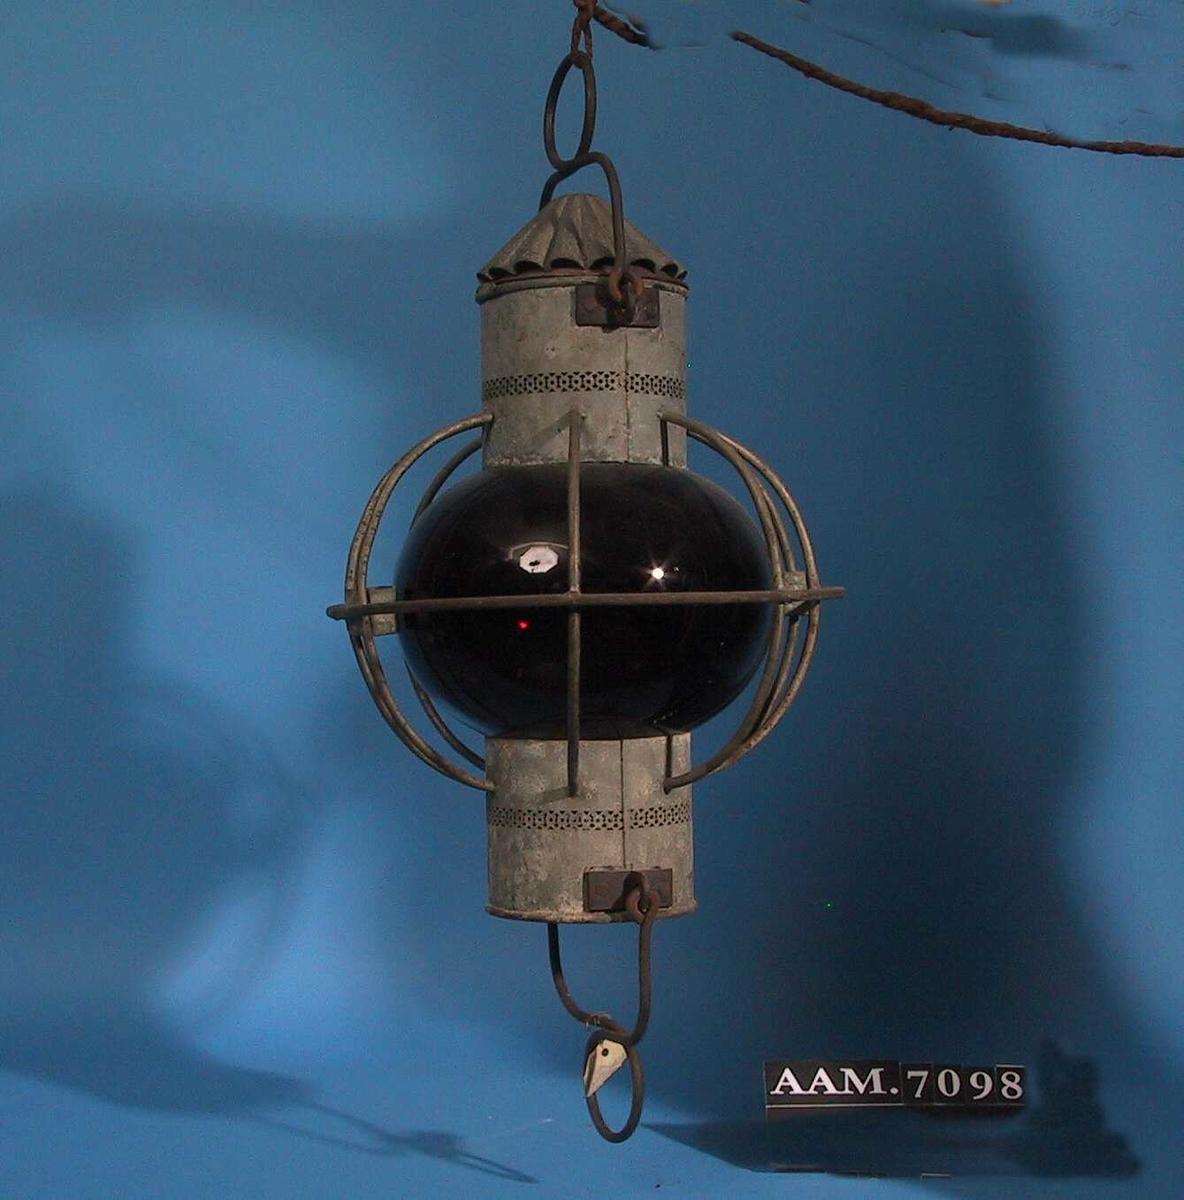 Ankerlanterne.  Jernstenger, blikk, dyprødt   glass. To blikksylindre med dyprød glasskuppel imellom, beskyttet av  jernstenger. Brenneren tennes fra undersiden. Hank i begge ender.